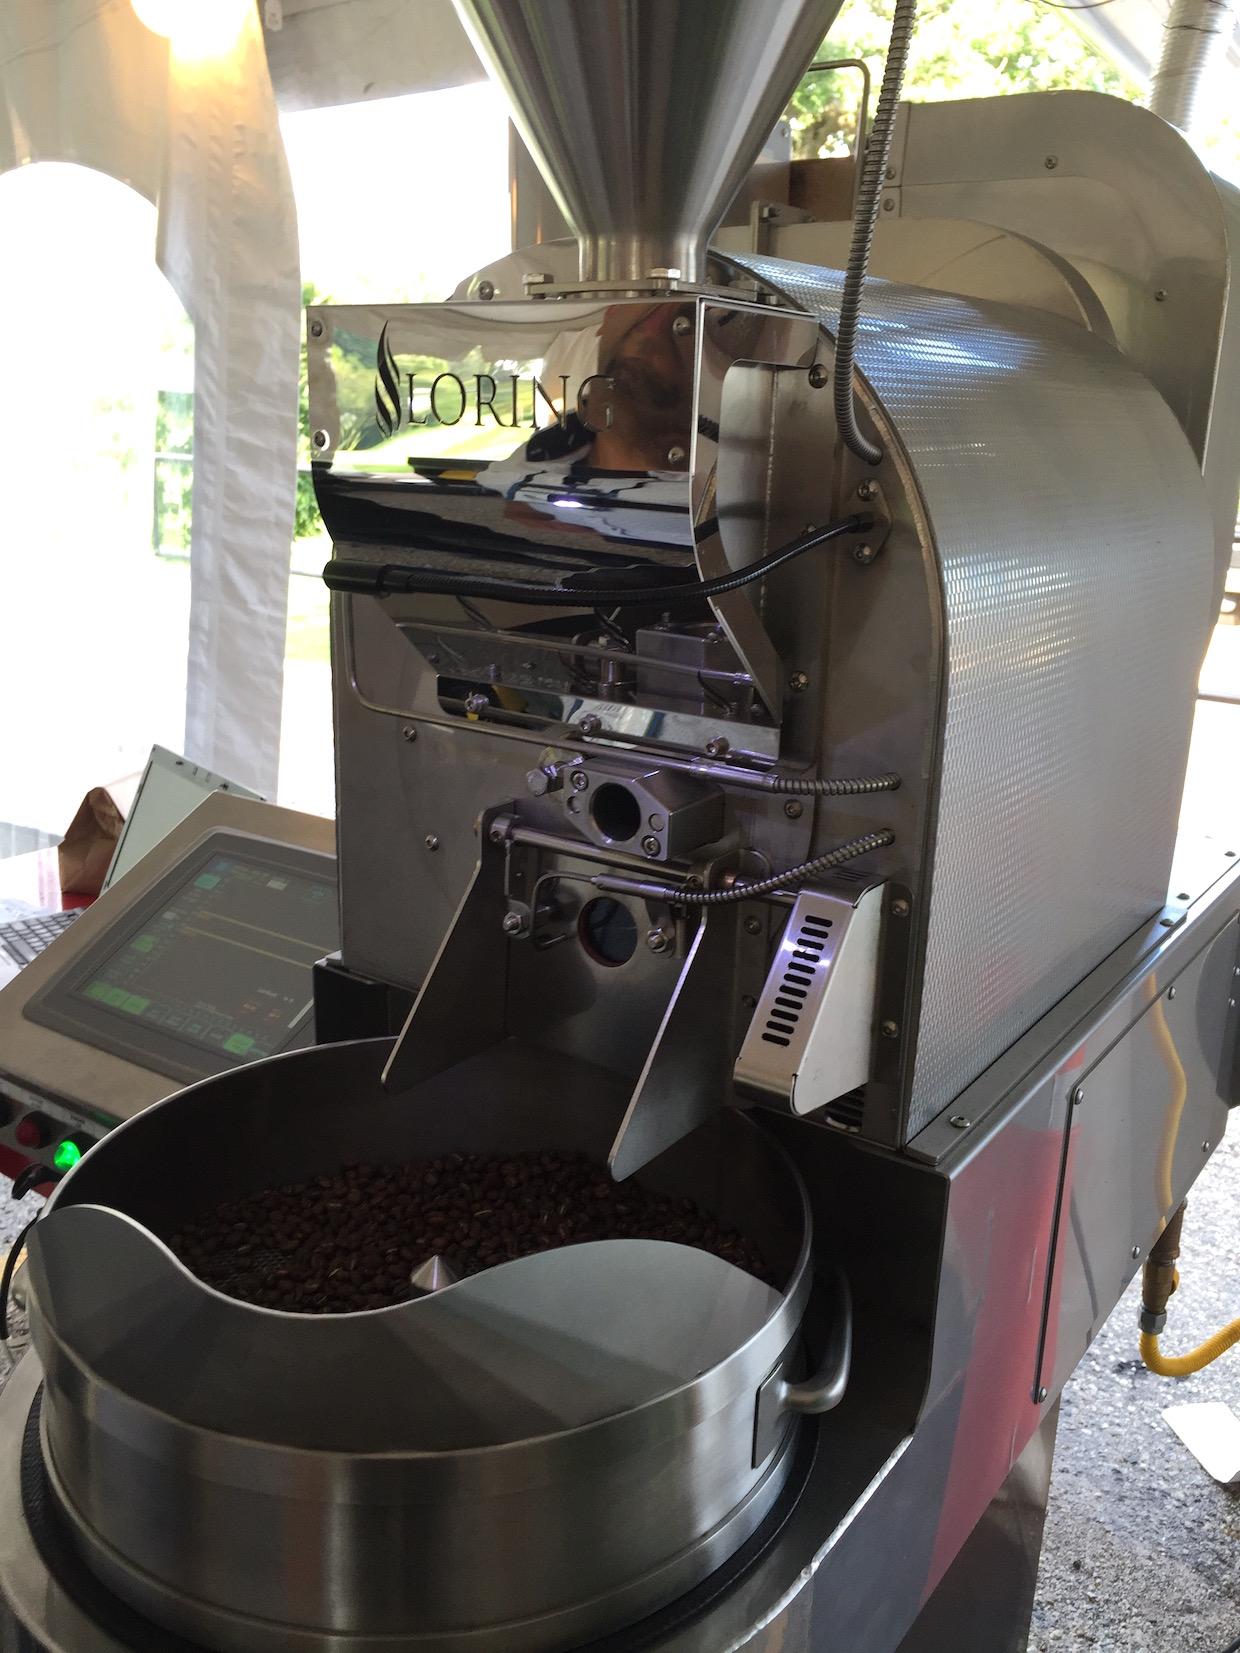 loring coffee roaster